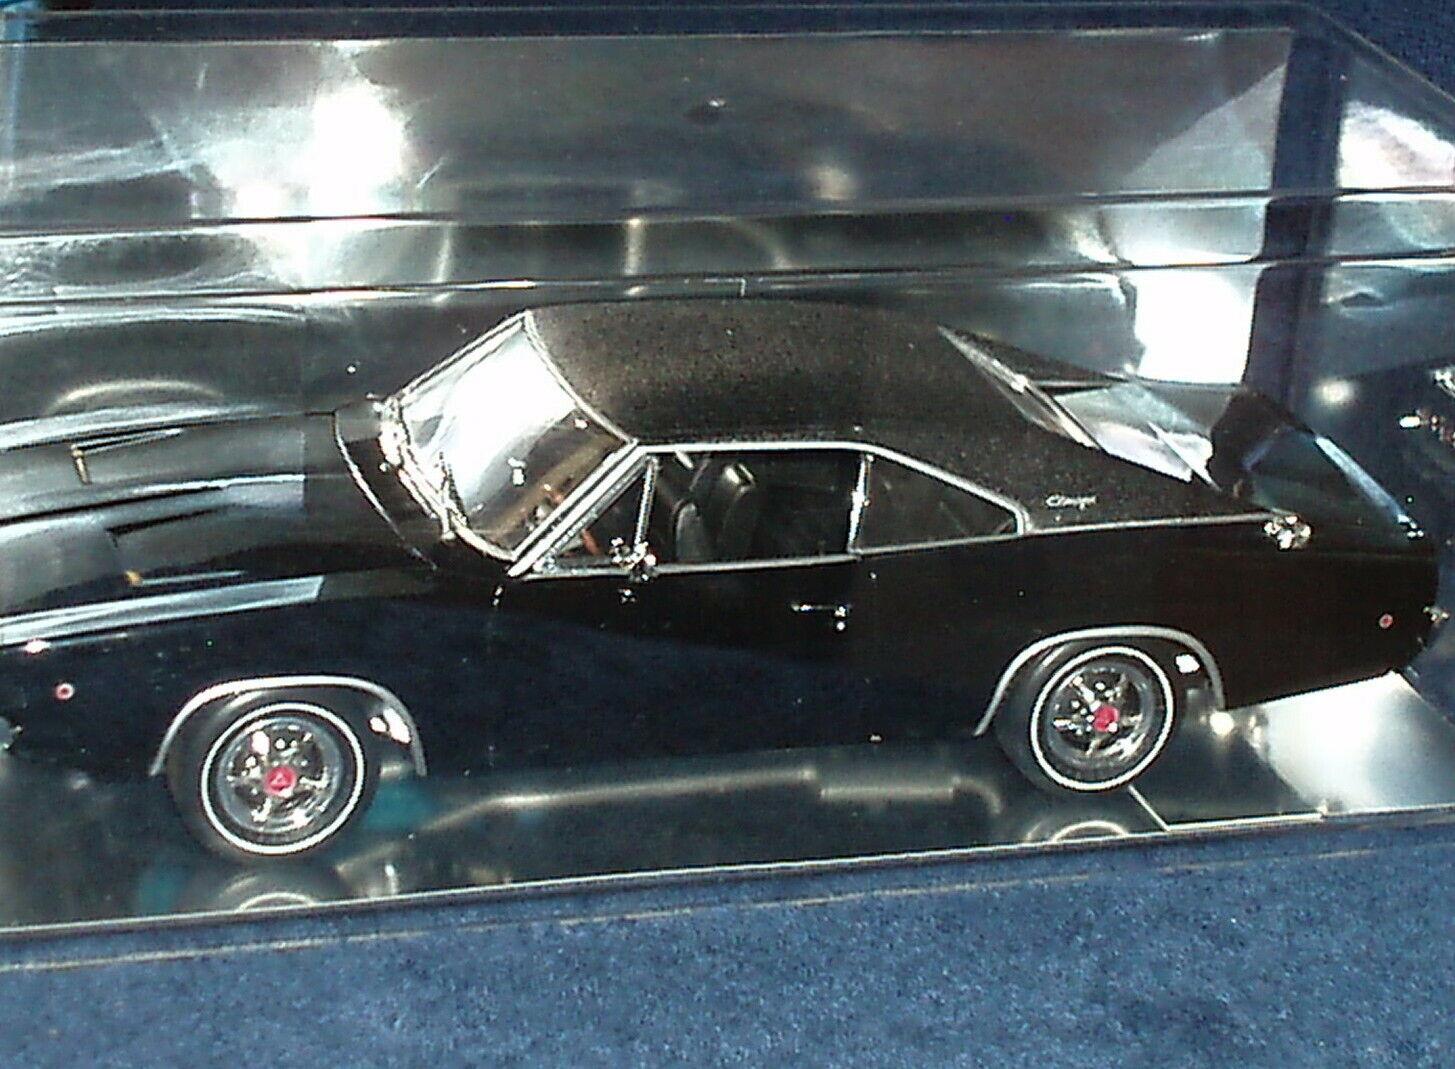 Ertl 1968 Dodge Cargador 440 Magnum 1 18 Bullit nero W panDimensione caso